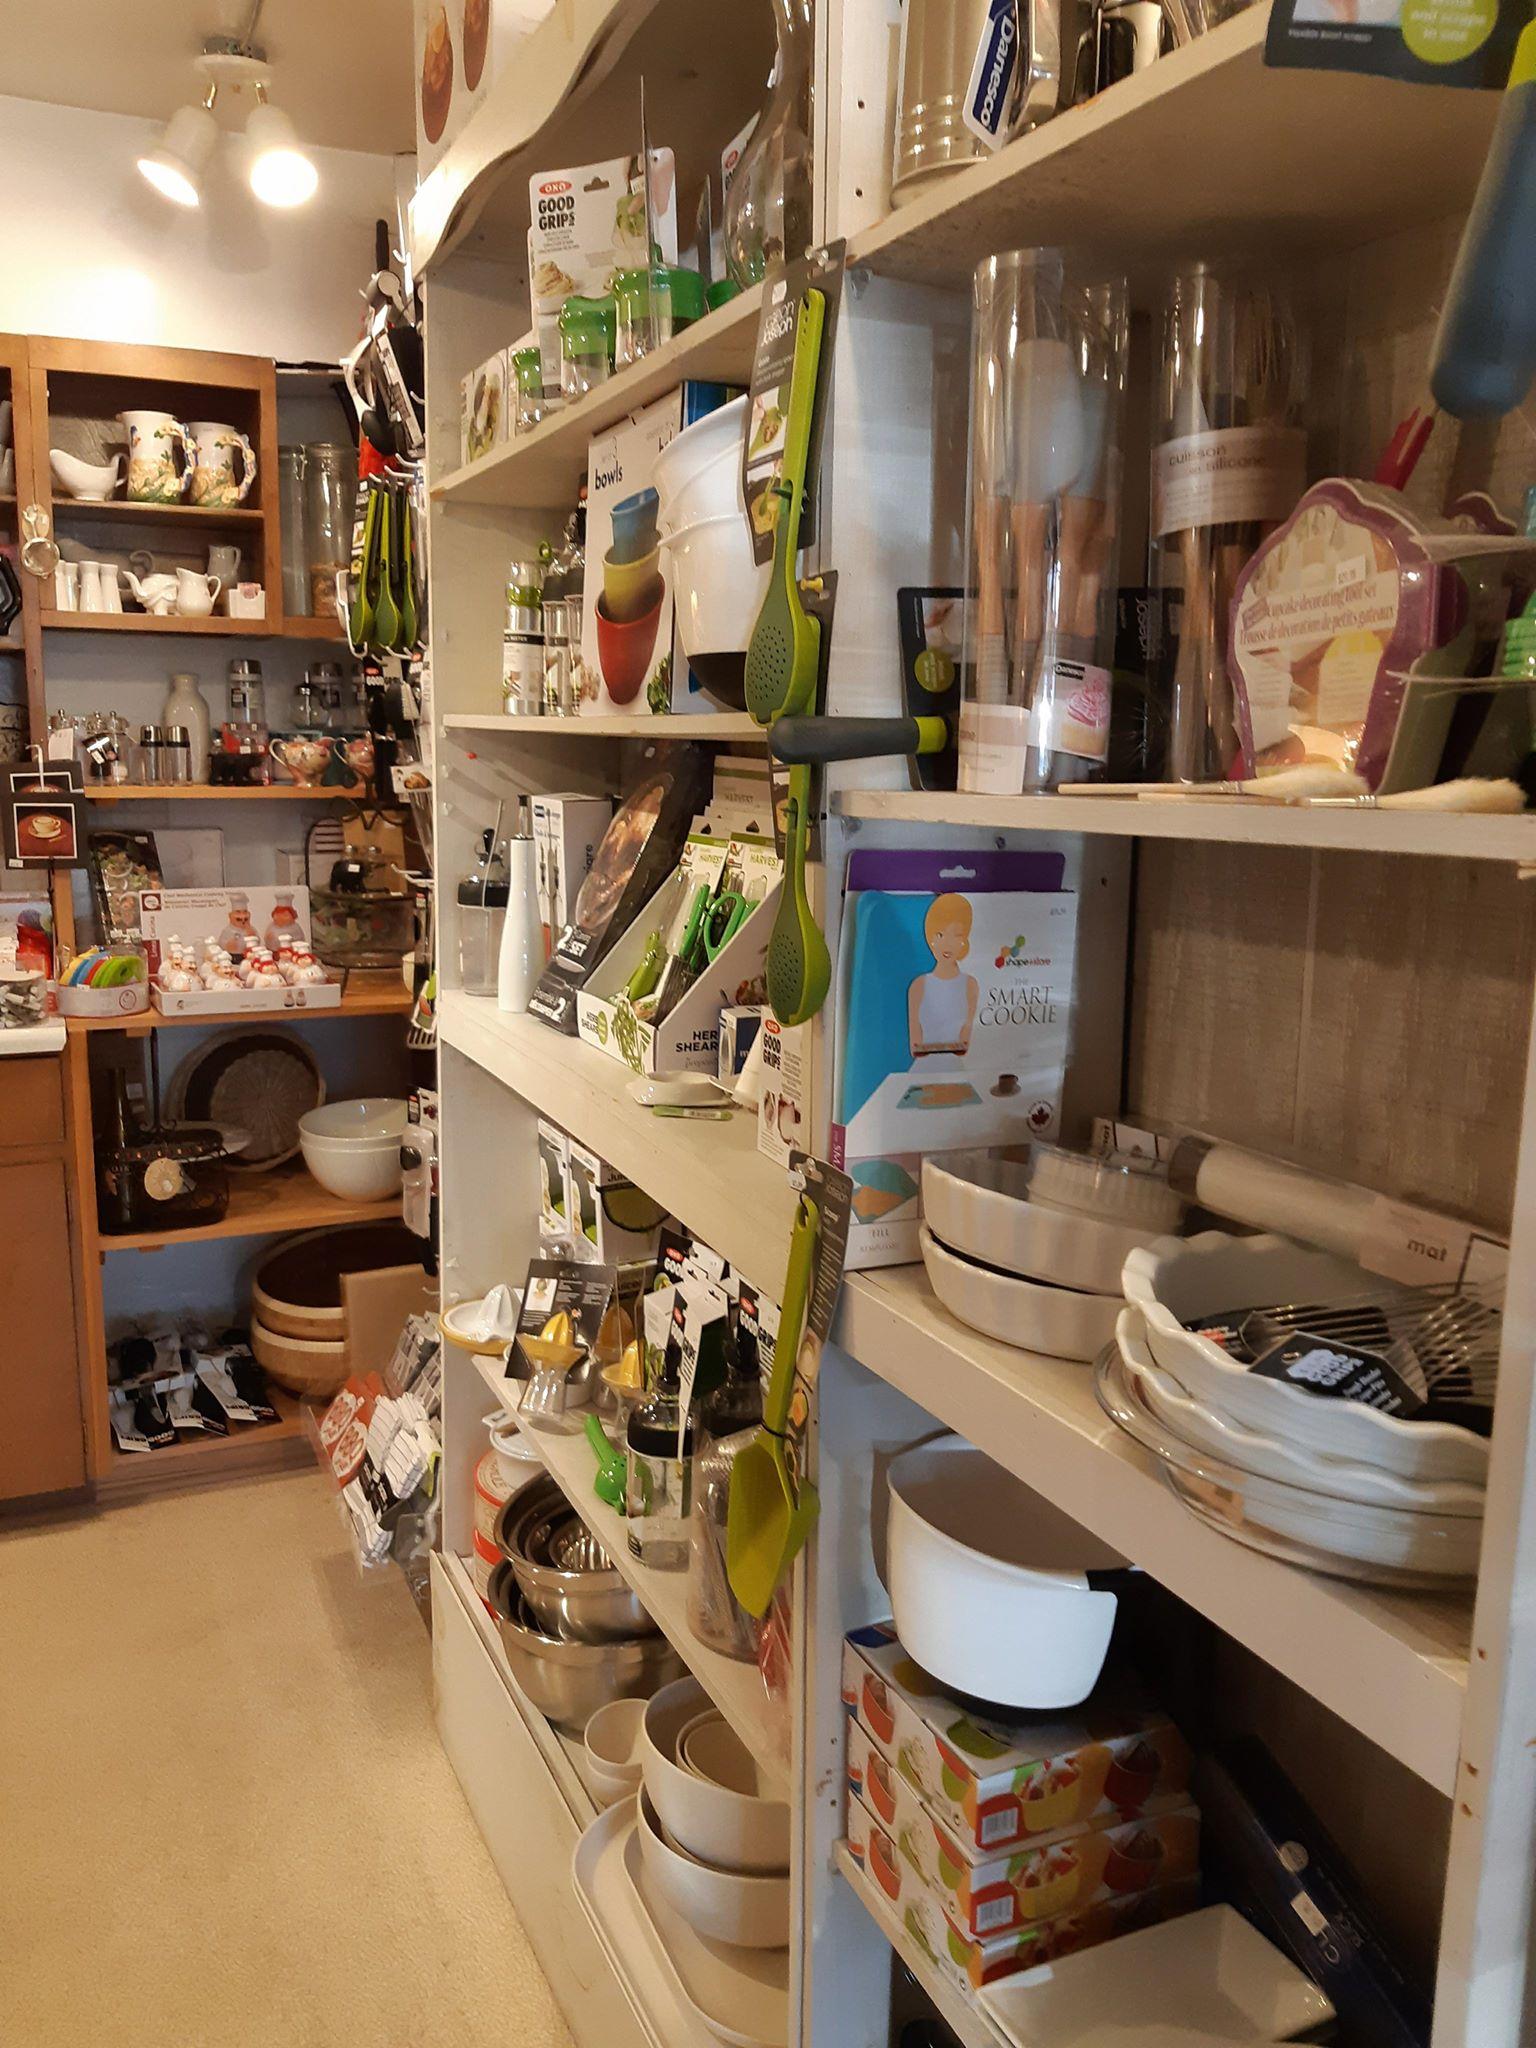 kitchen gifts, supplies,